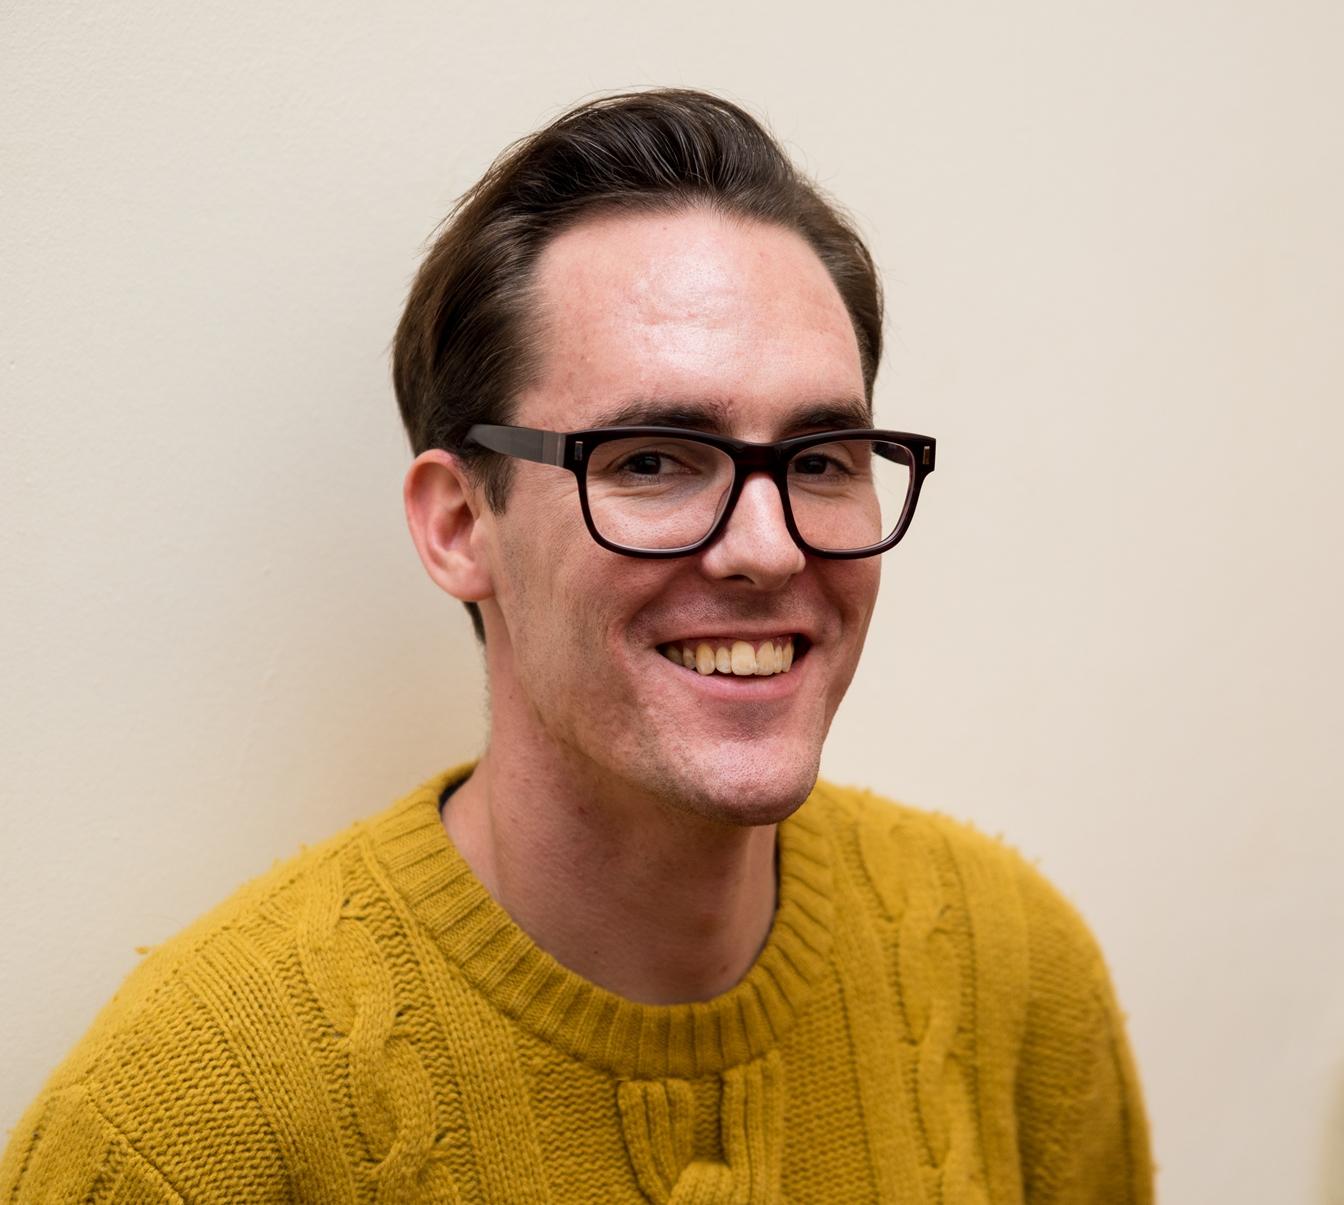 A portrait photograph of Steve Joy